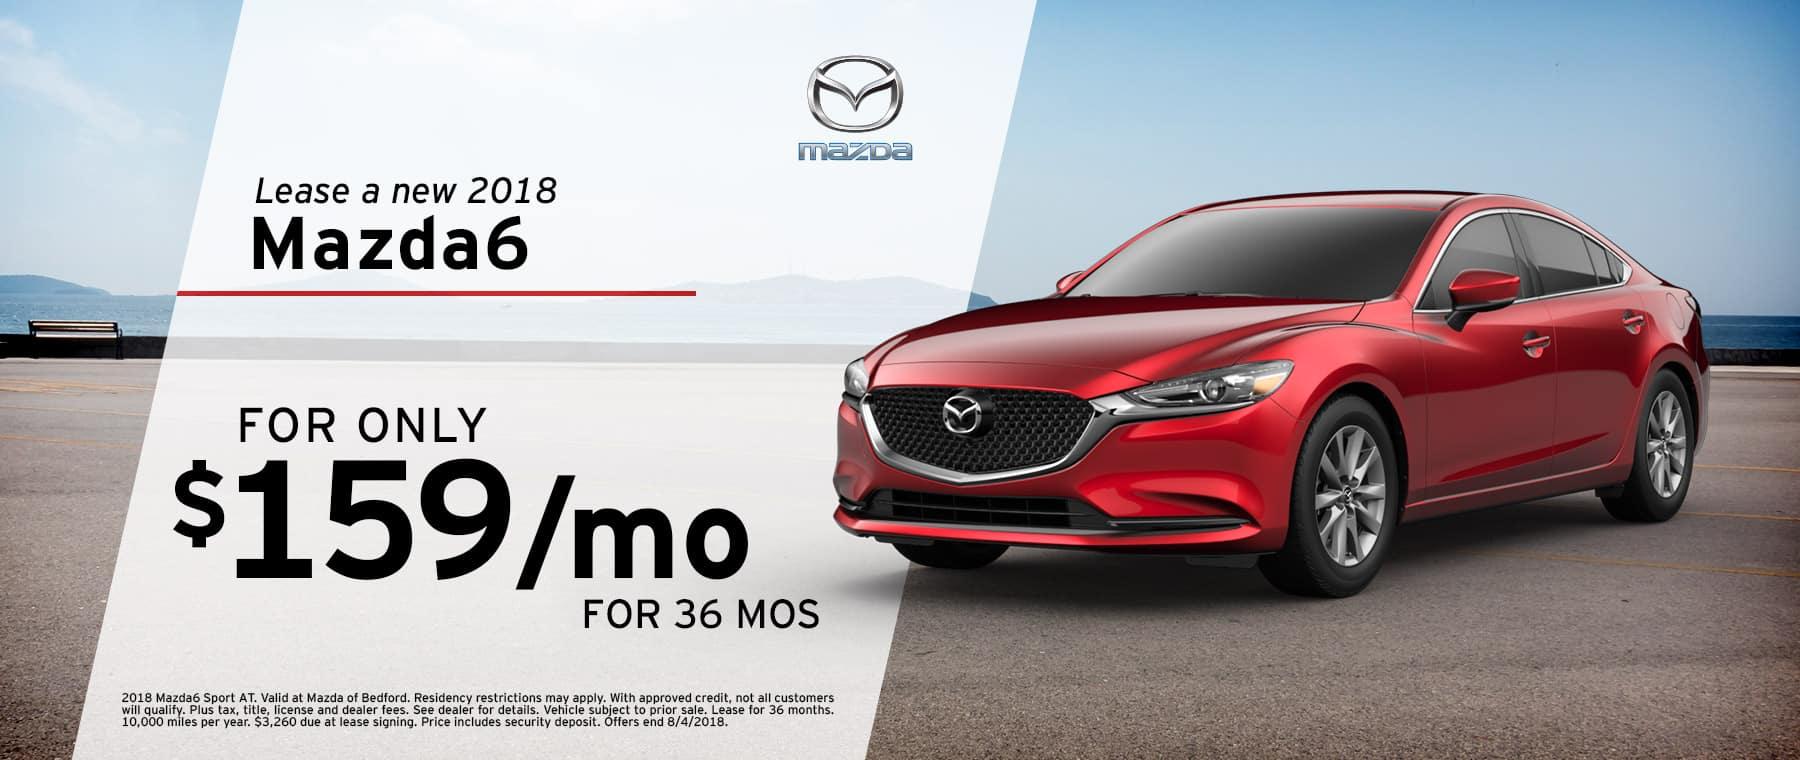 Mazda Bedford Specials | Mazda6